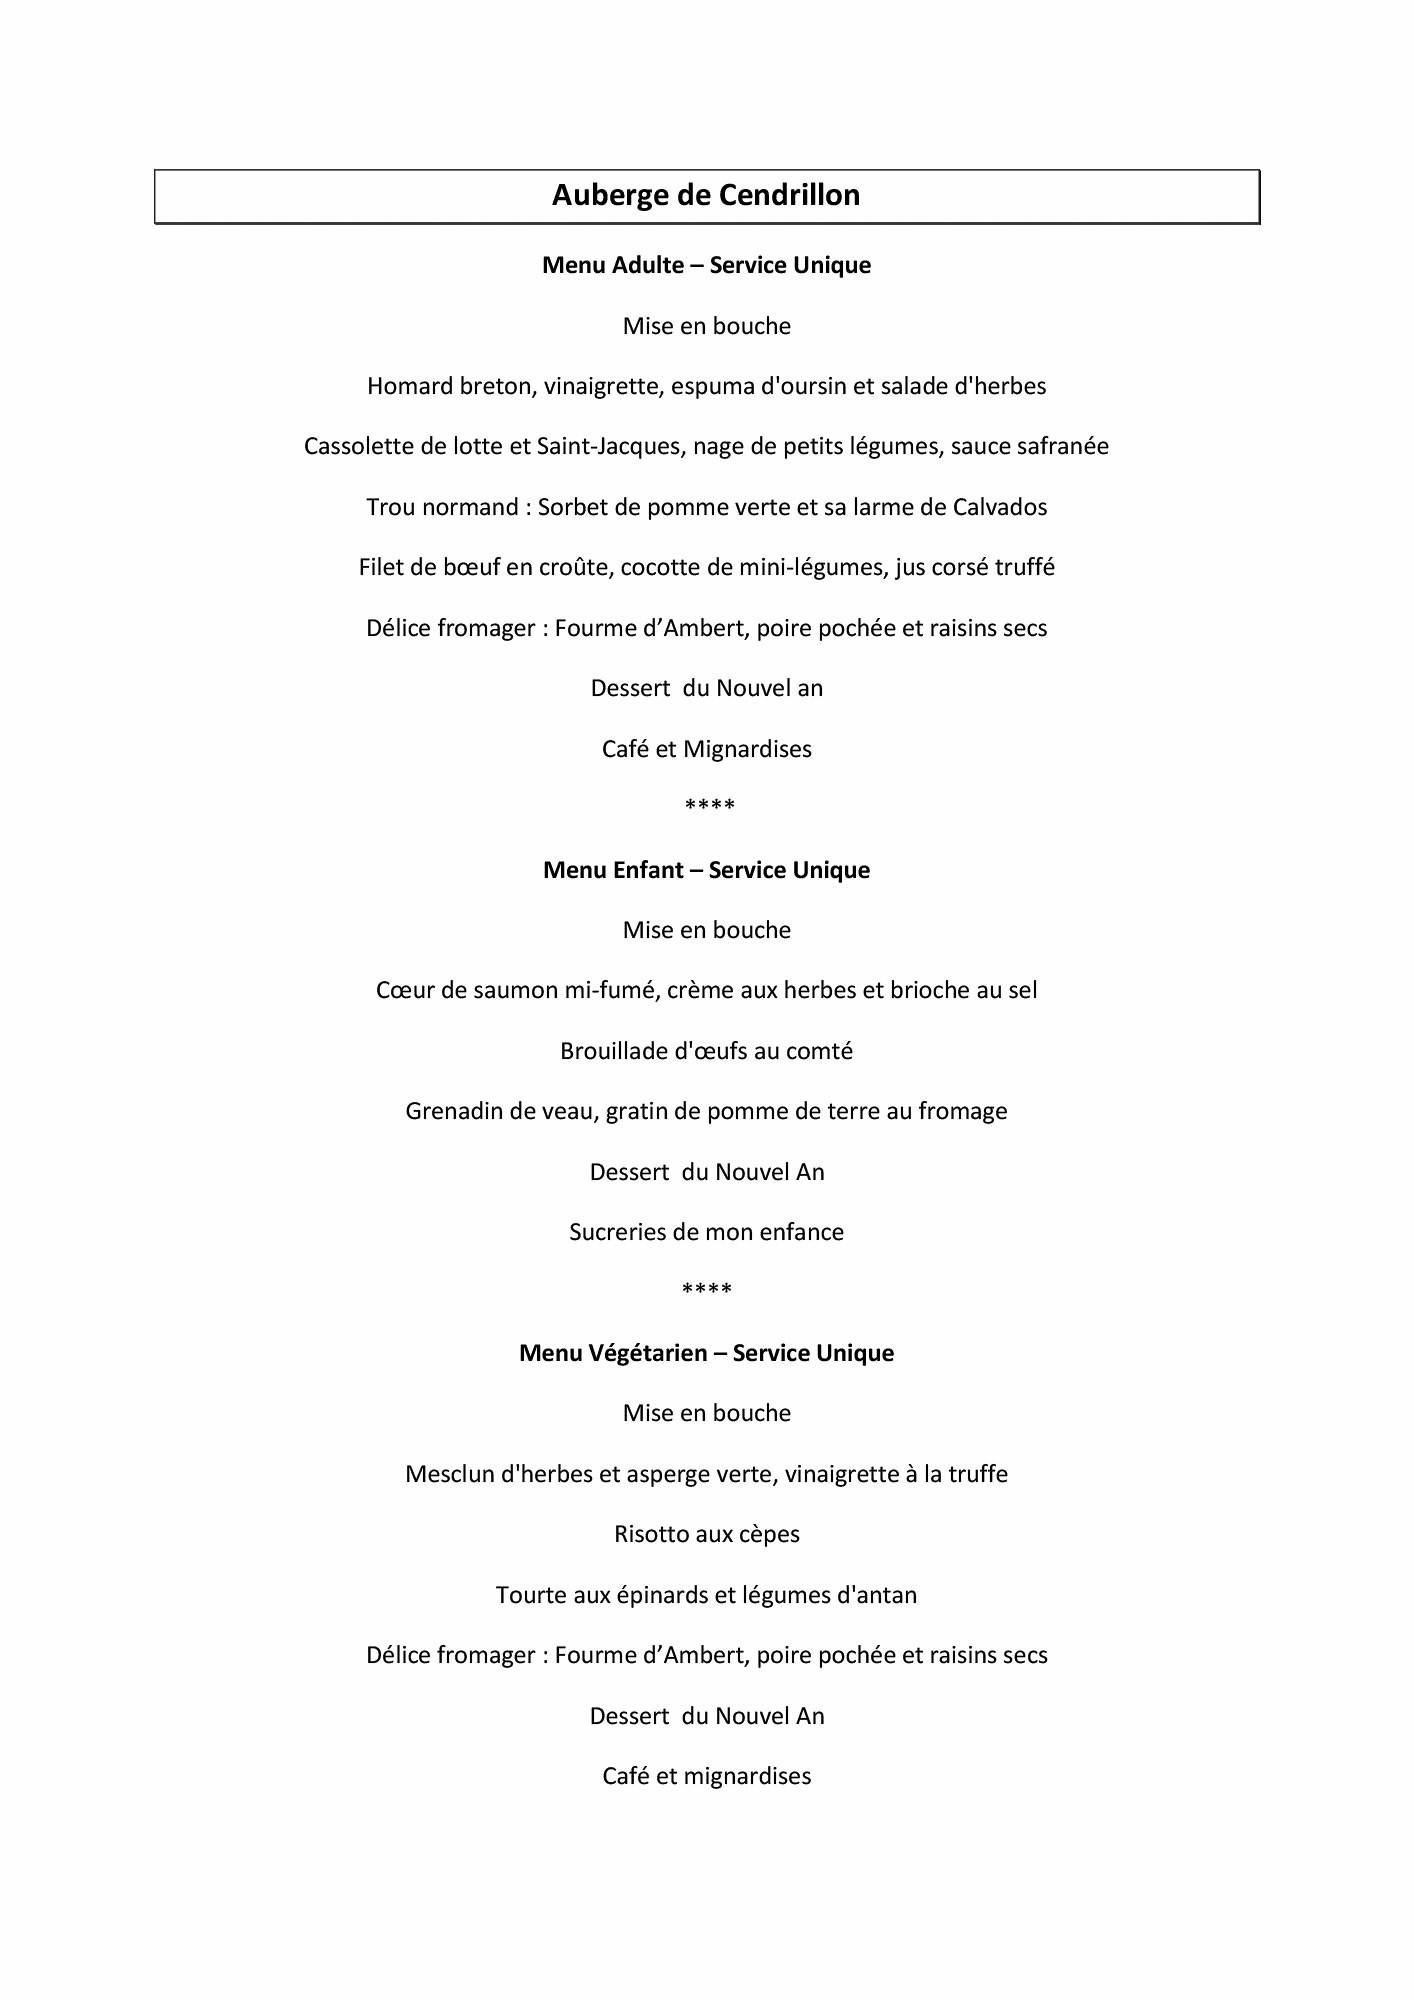 menu-reveillon-nouvel-an-2016-disneyland-paris-auberge-cendrillon-1